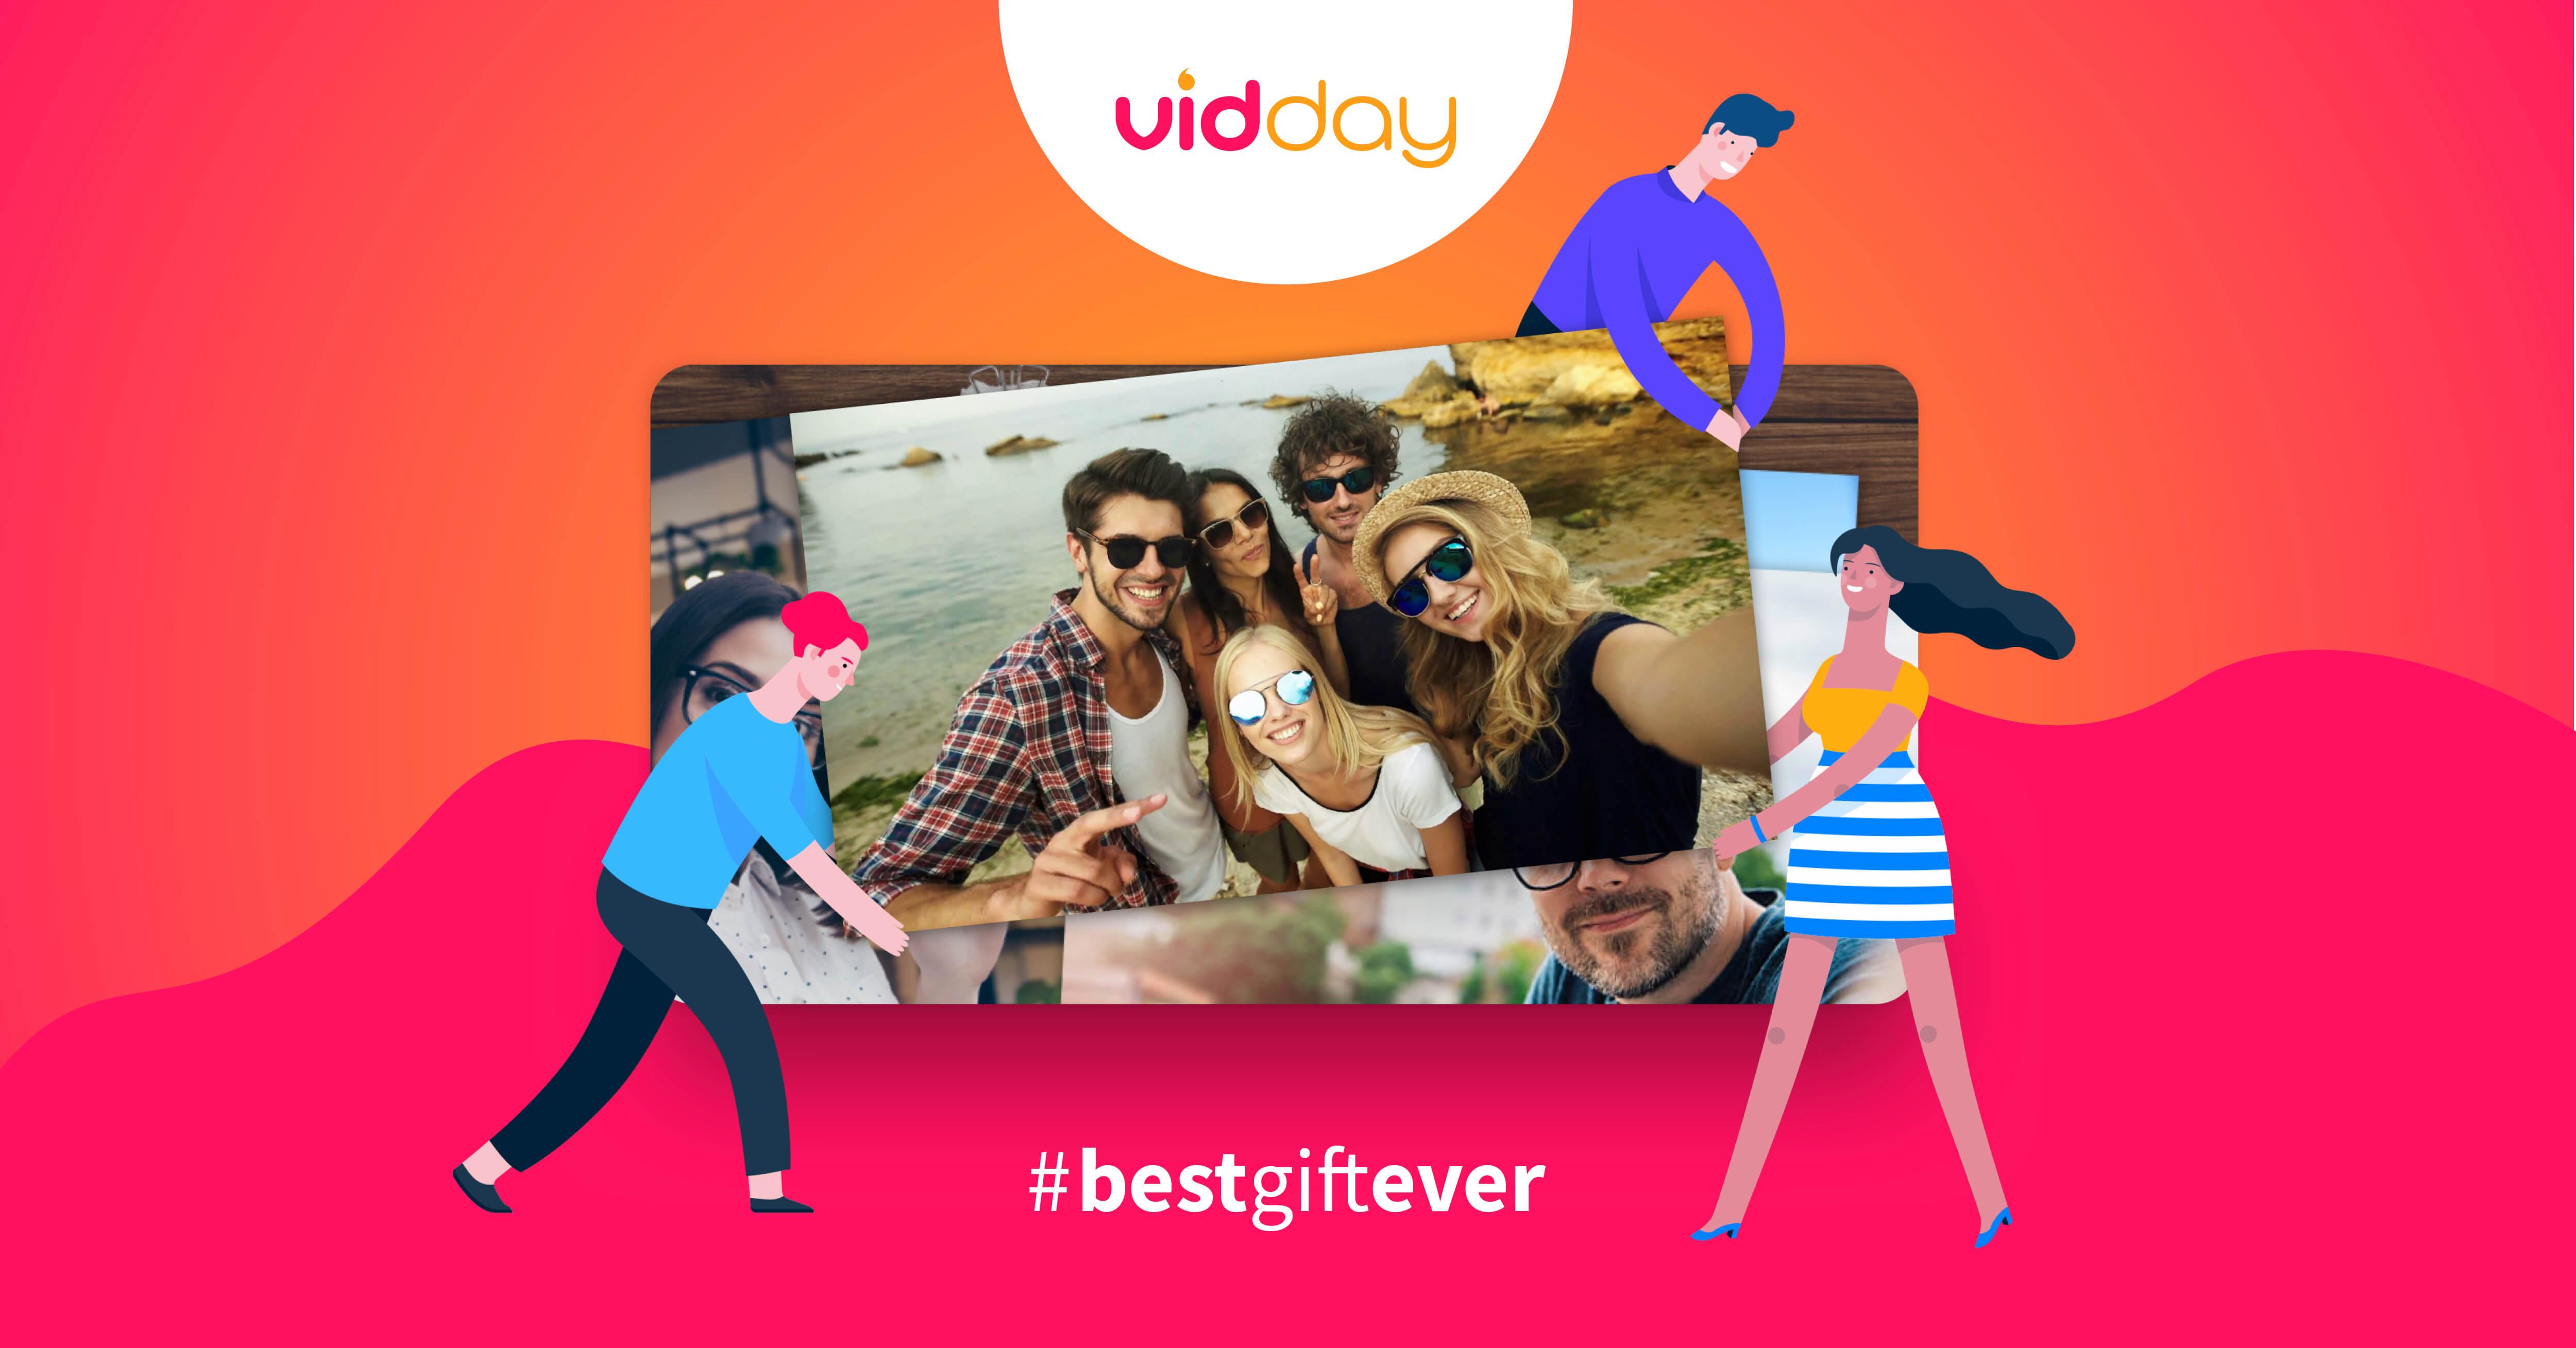 Vidday Congratulations Video